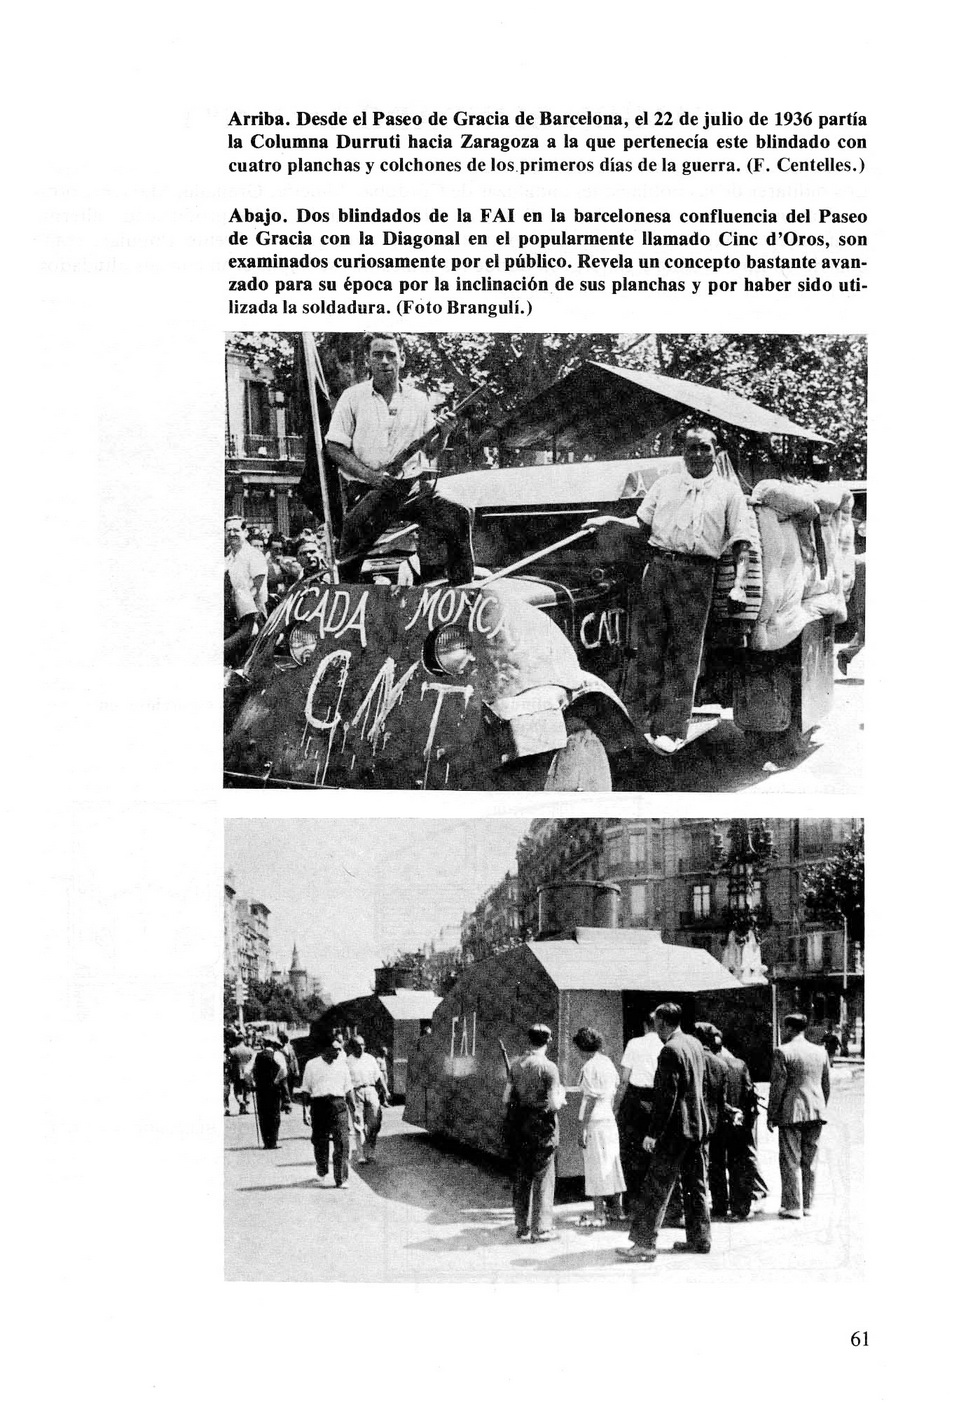 Carros De Combate Y Vehiculos Blindados De La Guerra 1936 1939 [F.C.Albert 1980]_Страница_059.jpg